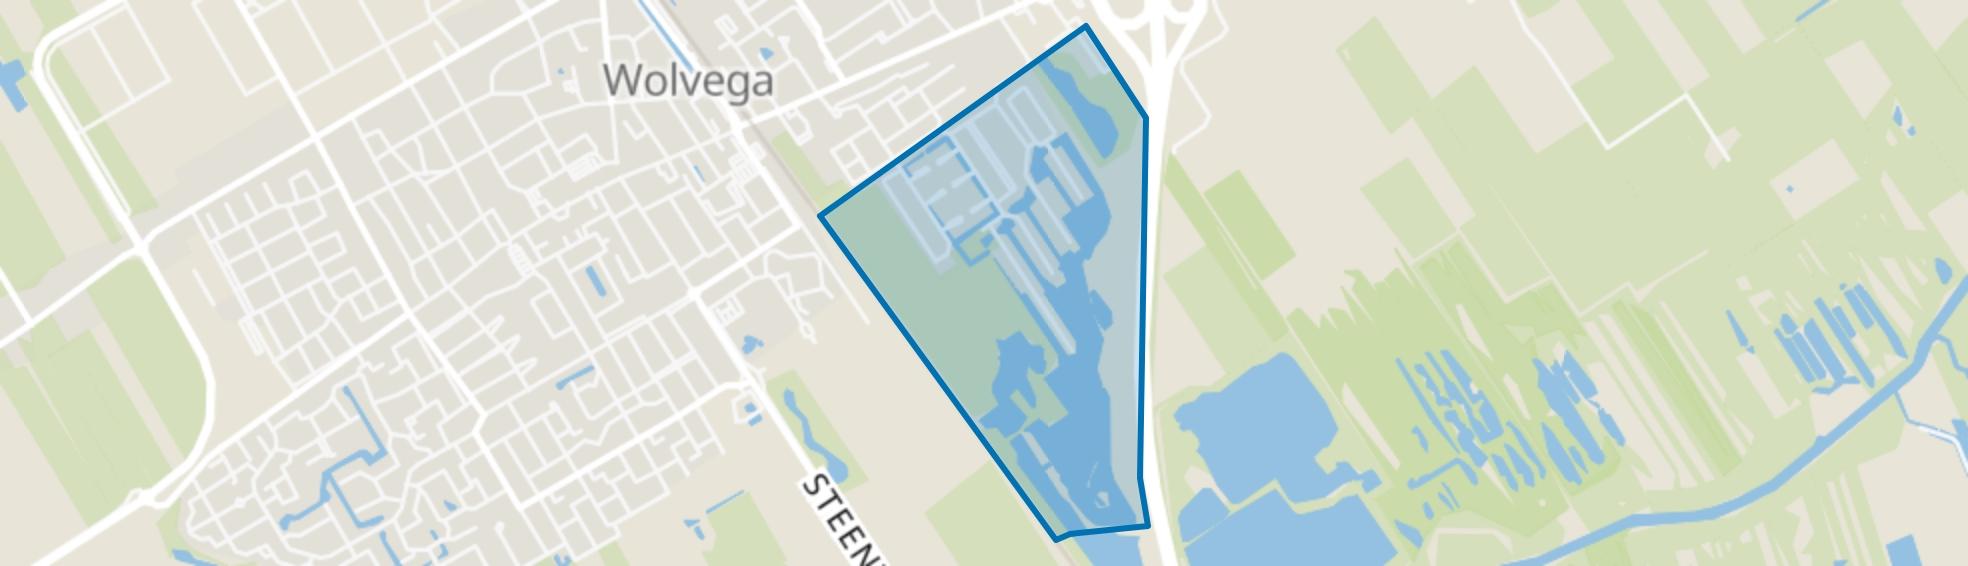 Wolvega-Lindewijk, Wolvega map